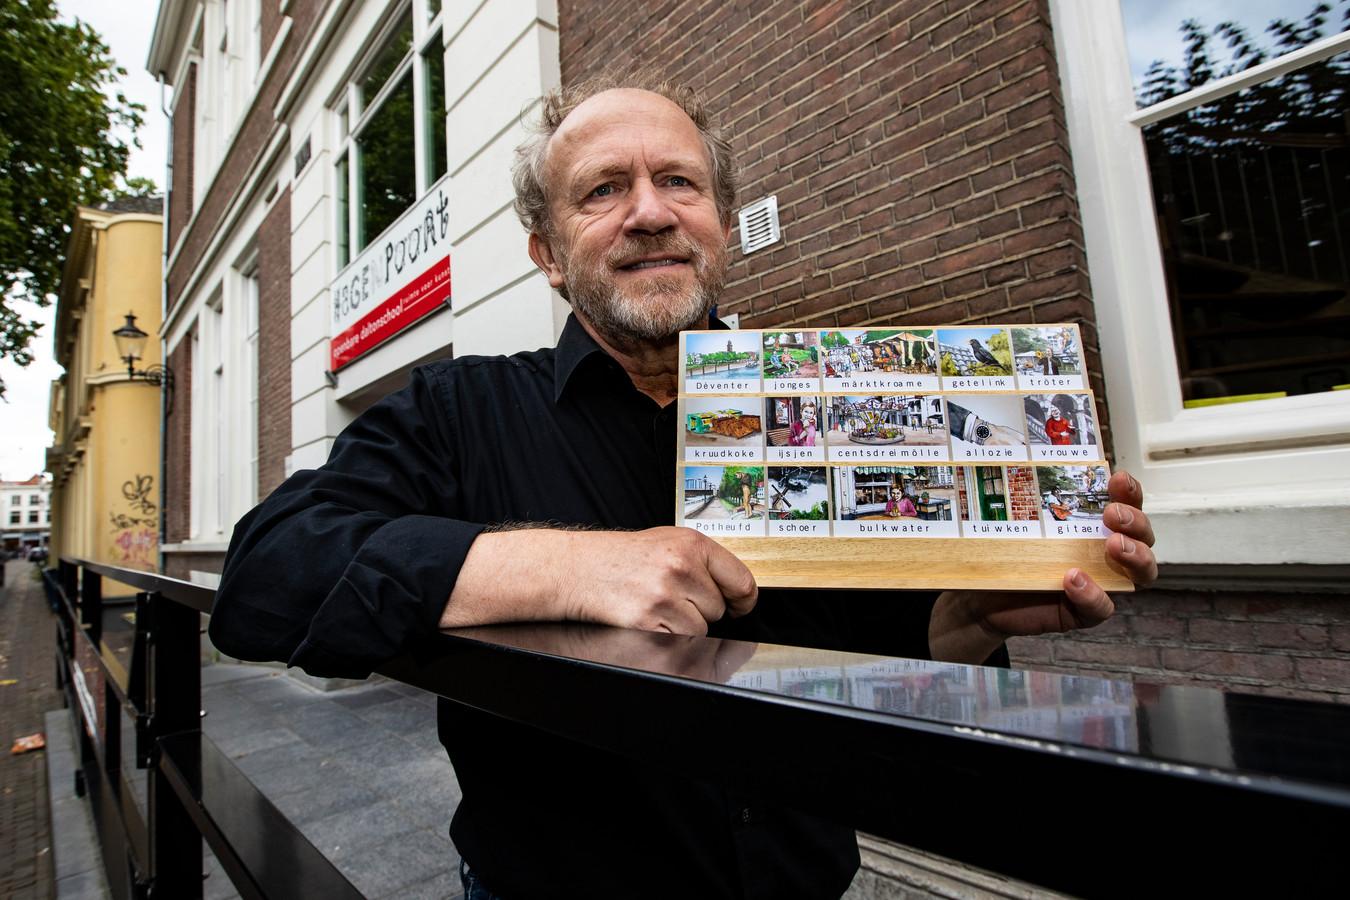 """Deventenaar Rene Berends, voor de Hagenpoortschool, met het Deventer klankbord. Vijftien woorden in Deventer dialect, met alle denkbare dialectklanken: ,,Kowet, op z'n Dèventers, kun je ook beschouwen als dialect."""""""